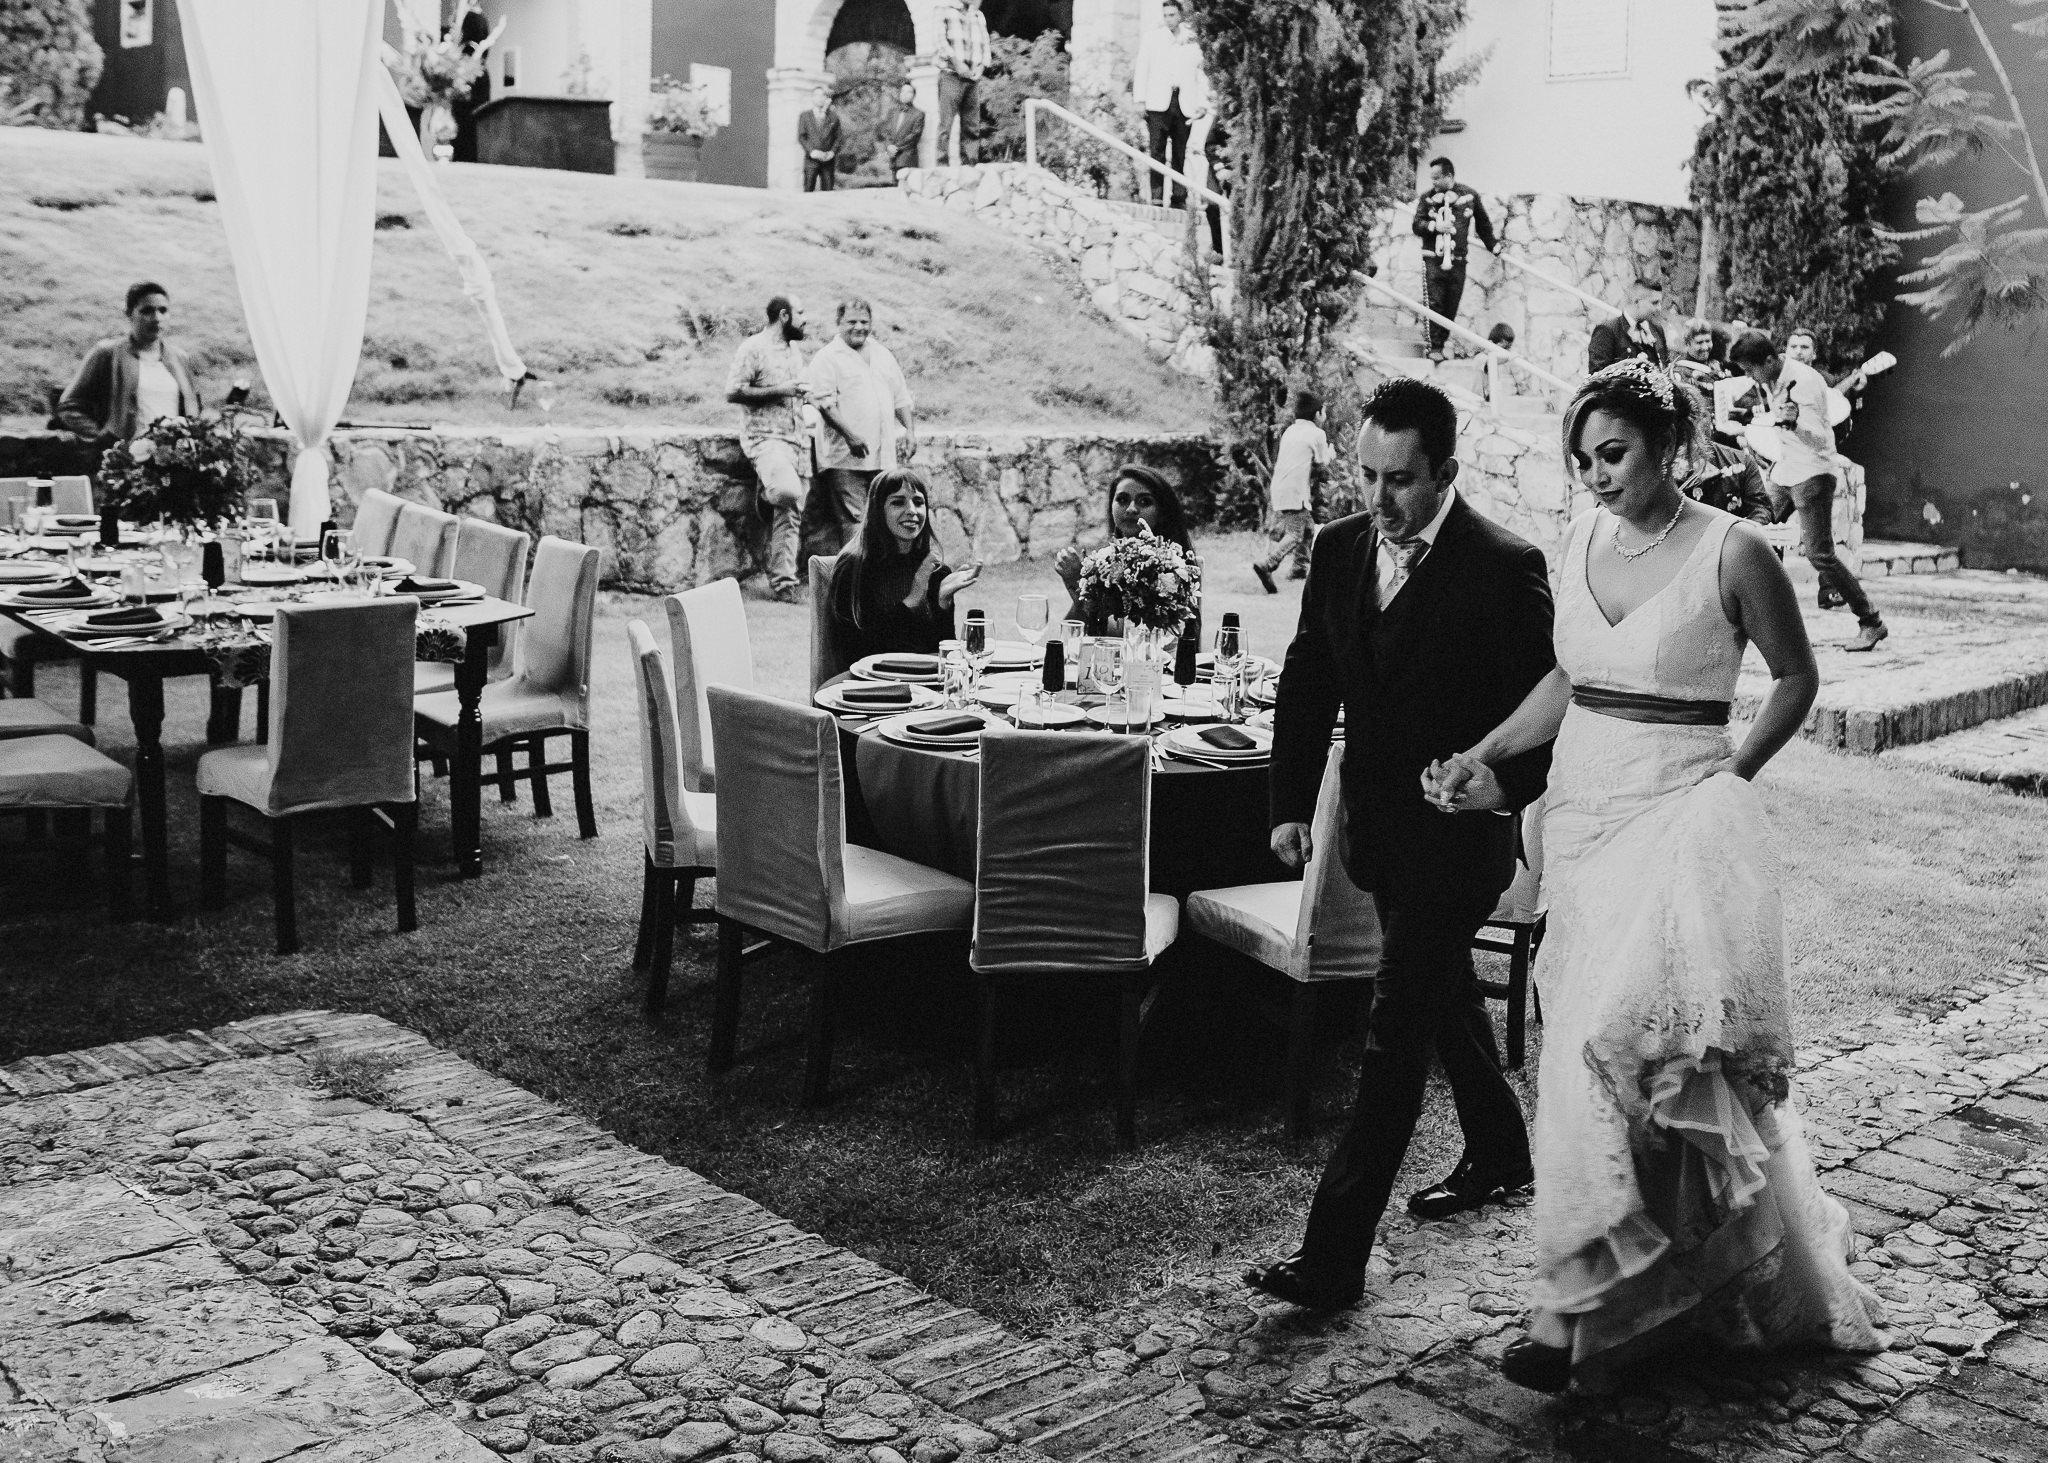 03boda-en-jardin-wedding-hacienda-los-cuartos-fotografo-luis-houdin104